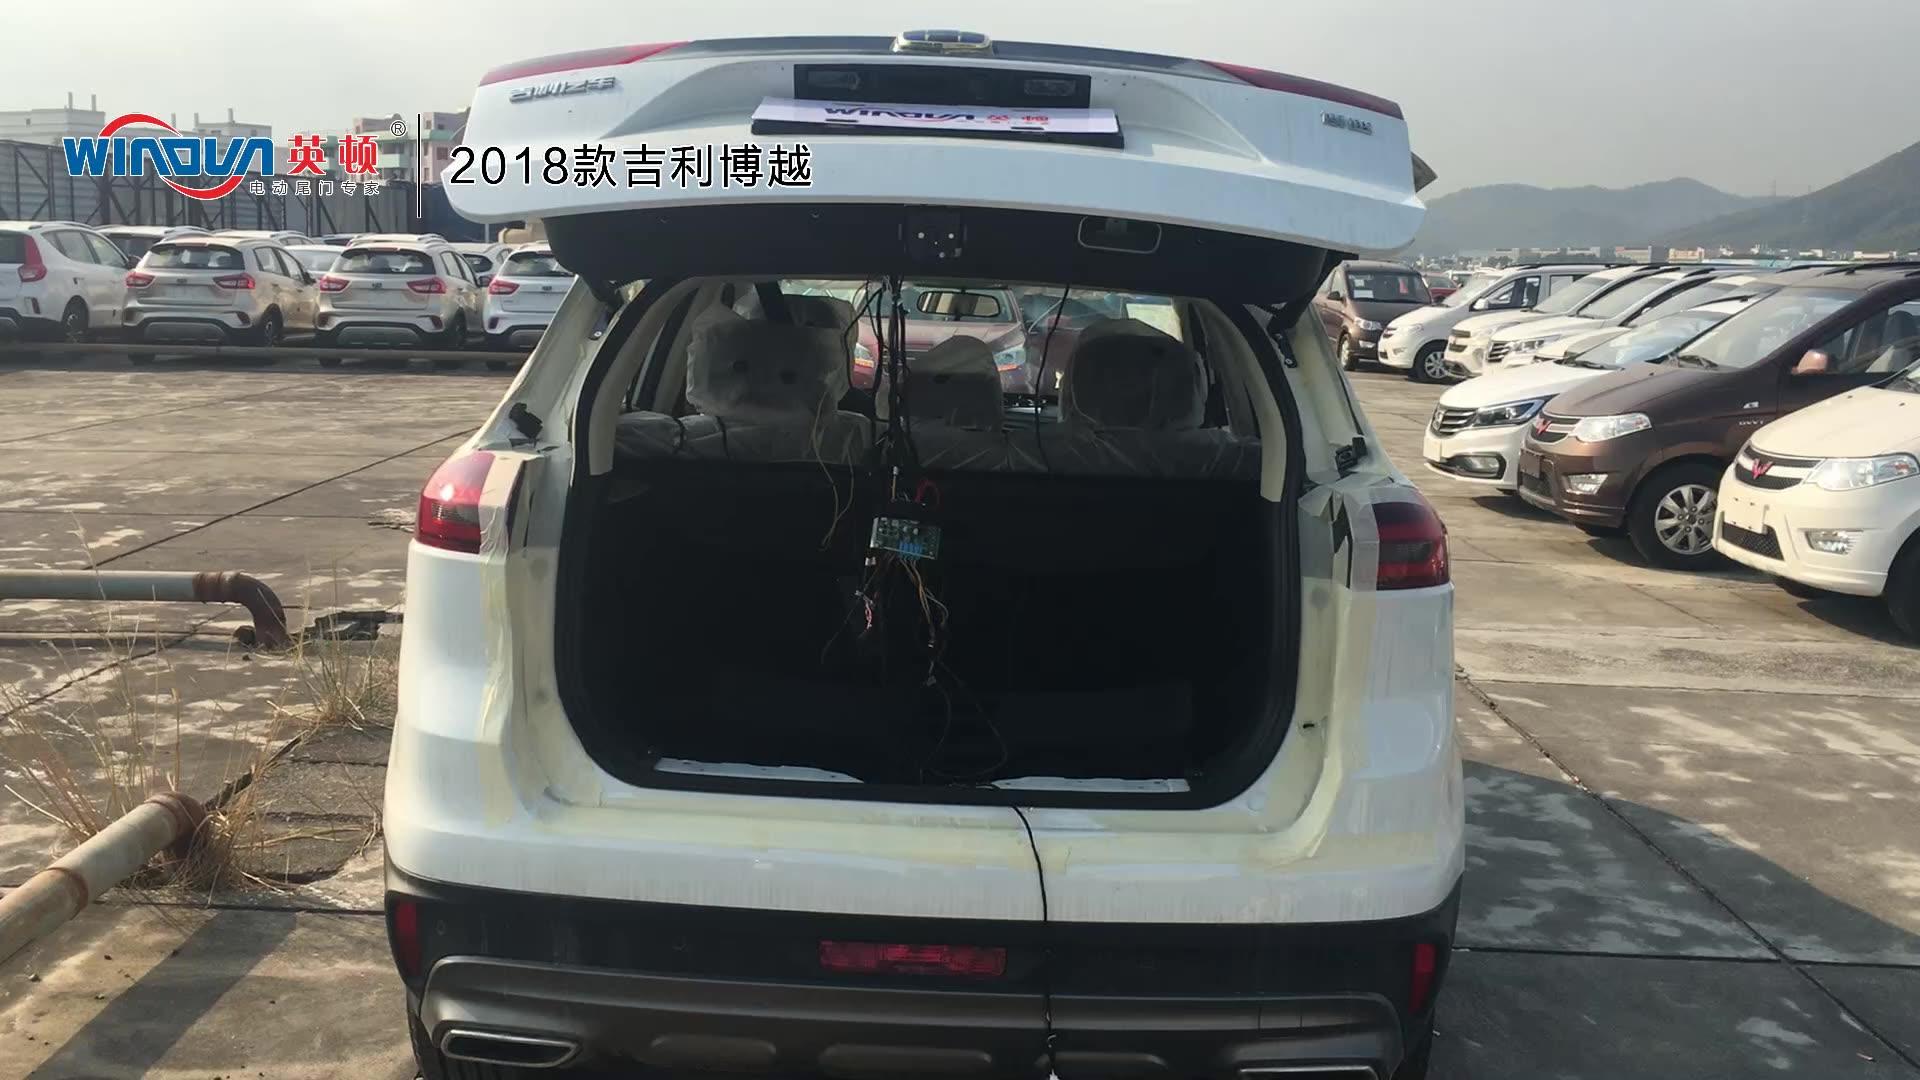 רכב ידיים משלוח דלת תא המטען חשמלי שלט רחוק מעלית תא מטען פותחן עם בעיטה חיישן כוח liftgate עבור ג 'ילי אטלס